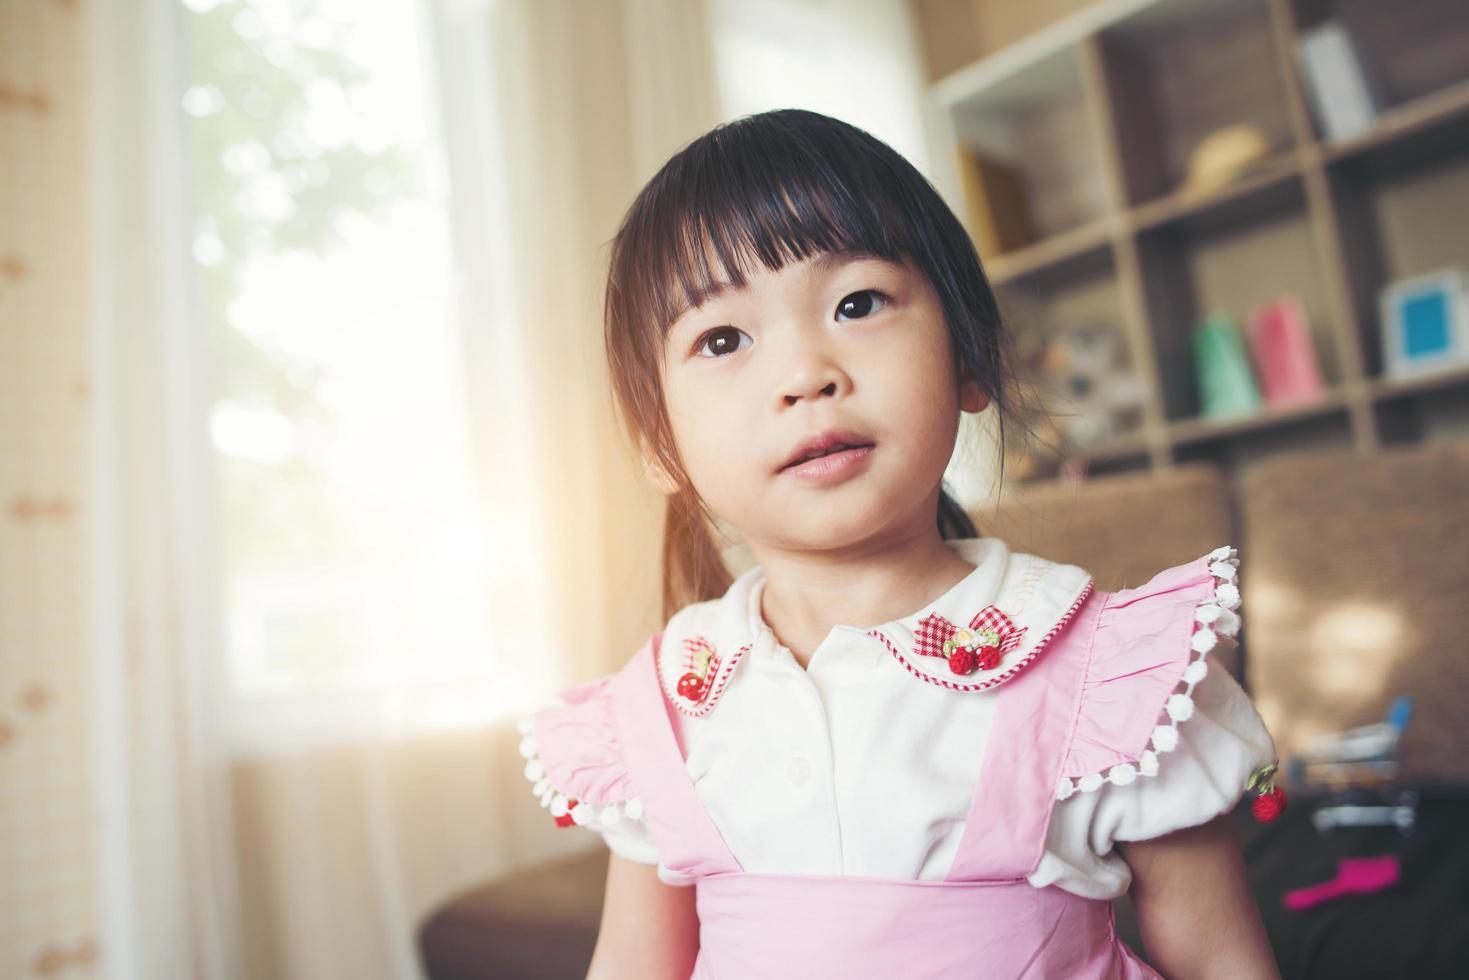 retrato de uma menina asiática brincando em sua casa foto